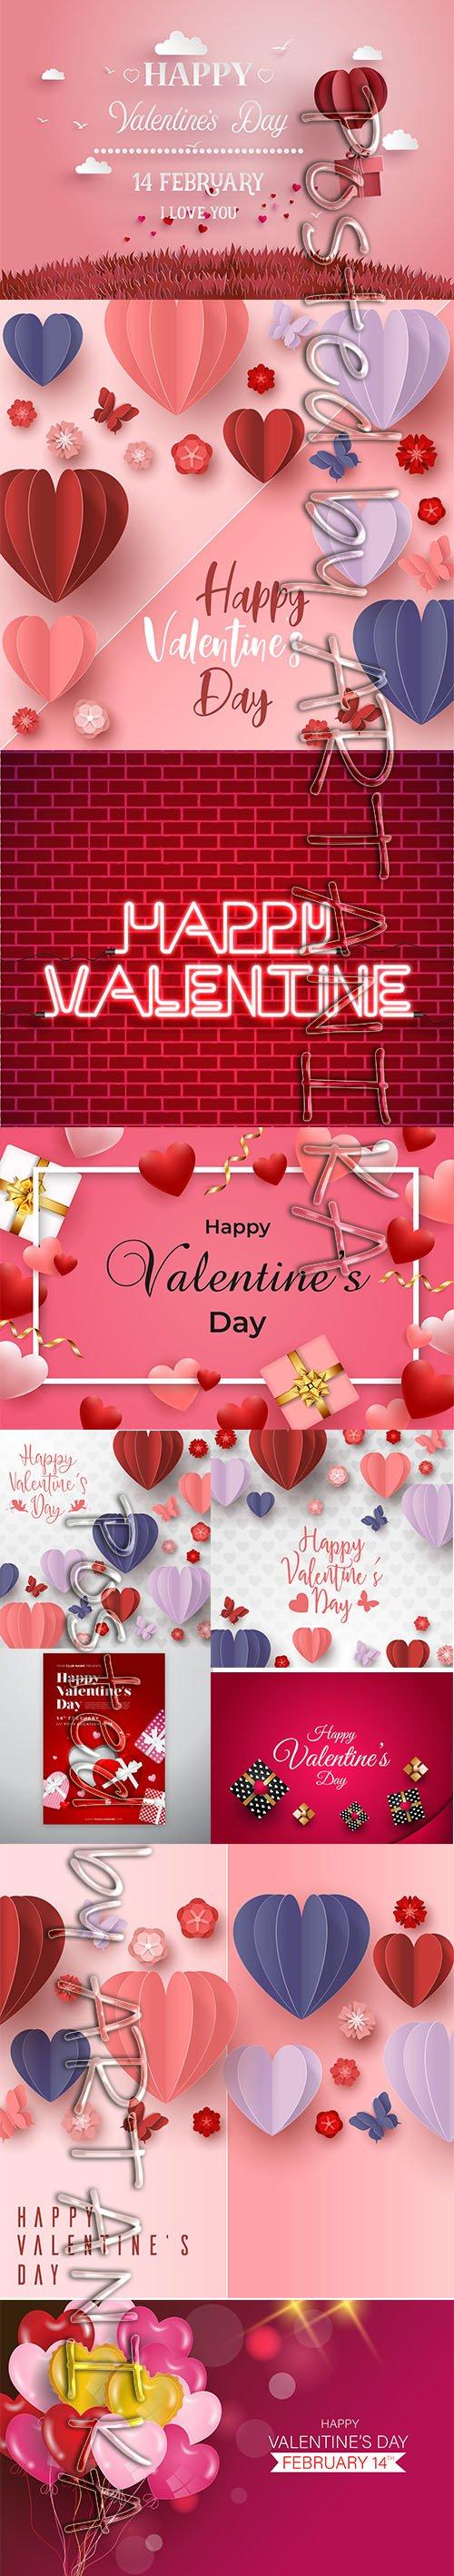 HAPPY VALENTINES DAY ILLUSTRATION SET VOL 15